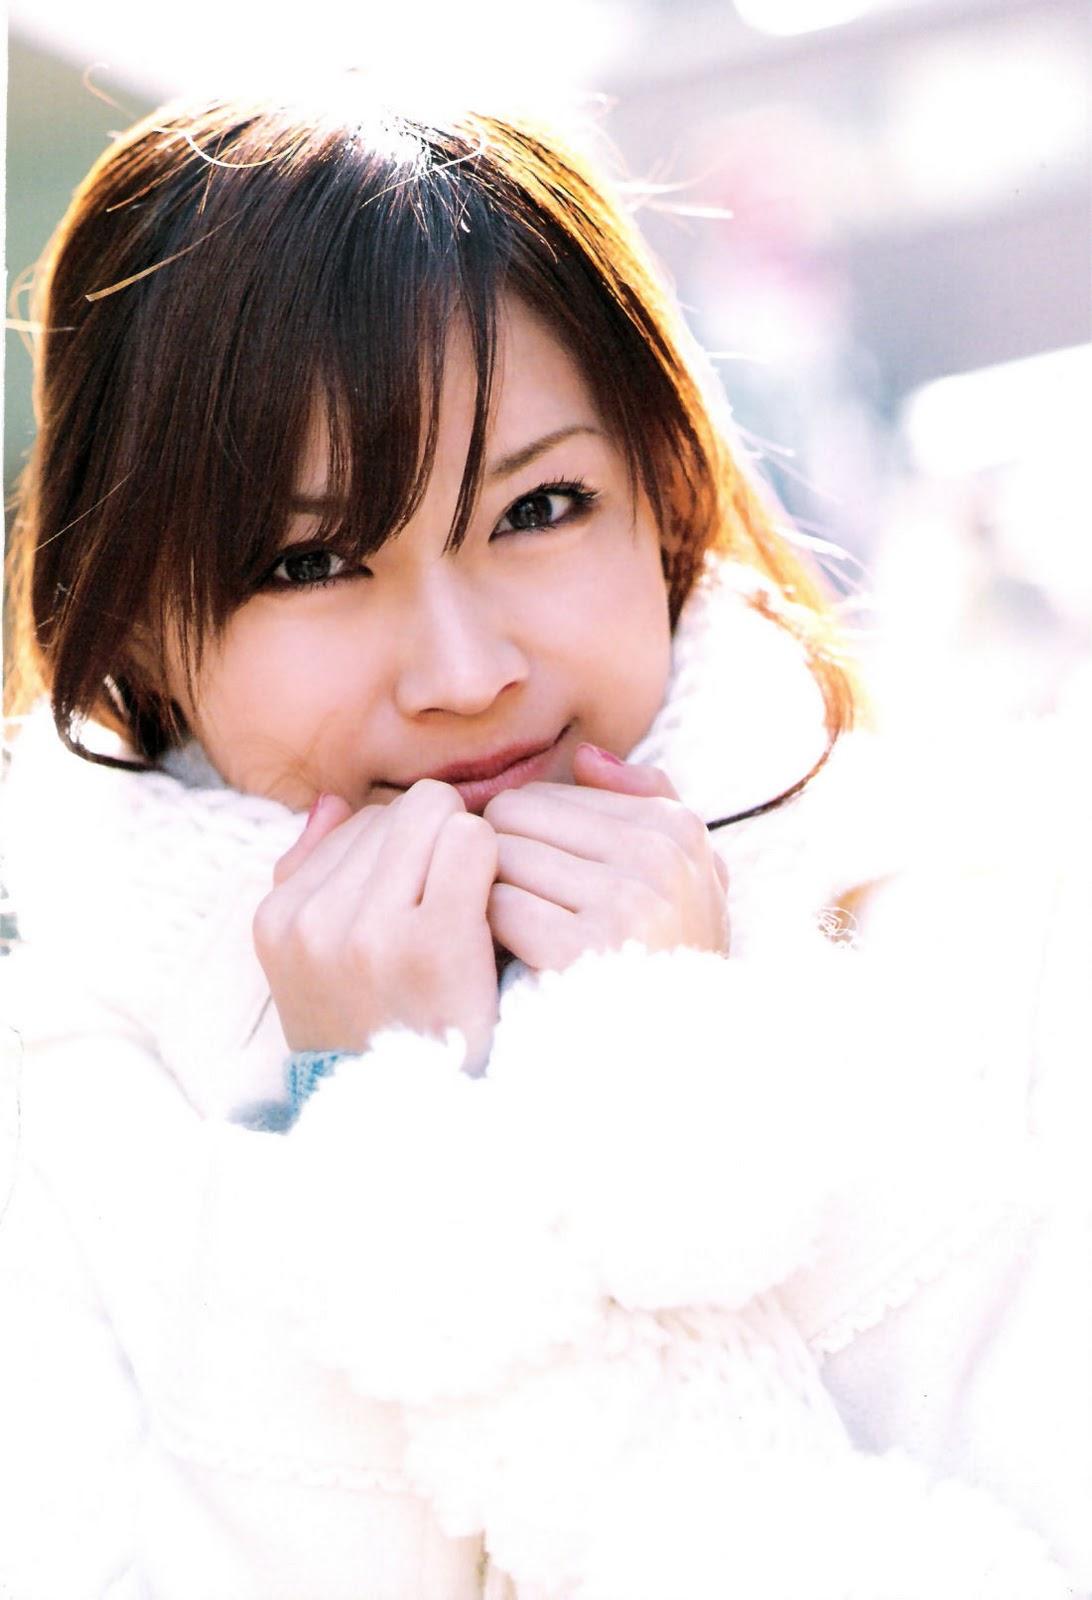 Eri Kamei - Photo Actress